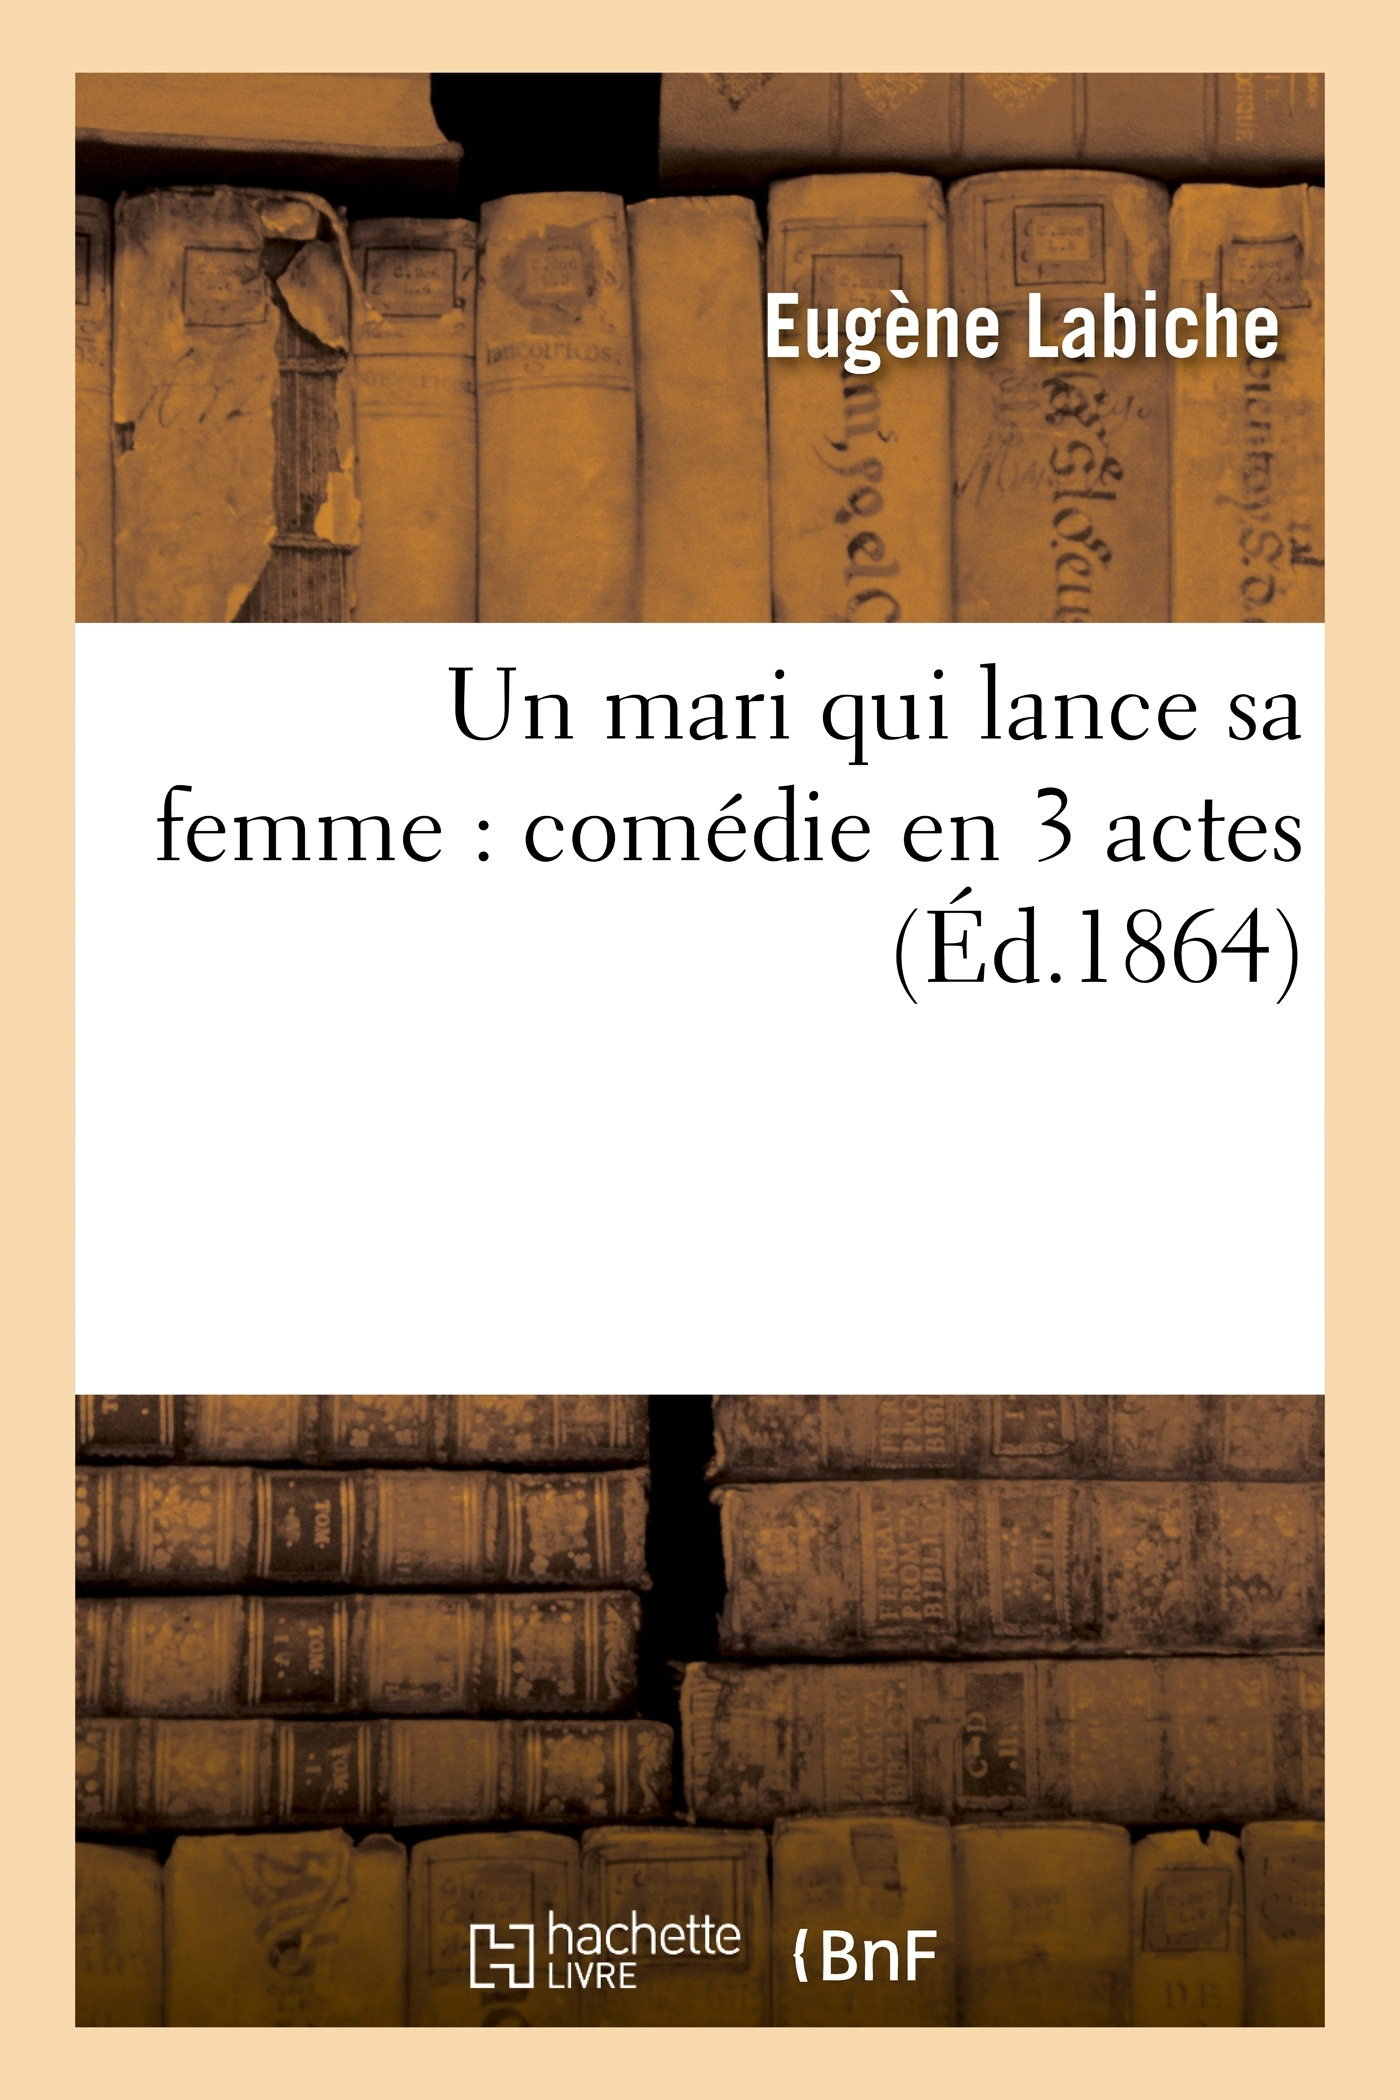 UN MARI QUI LANCE SA FEMME : COMEDIE EN 3 ACTES